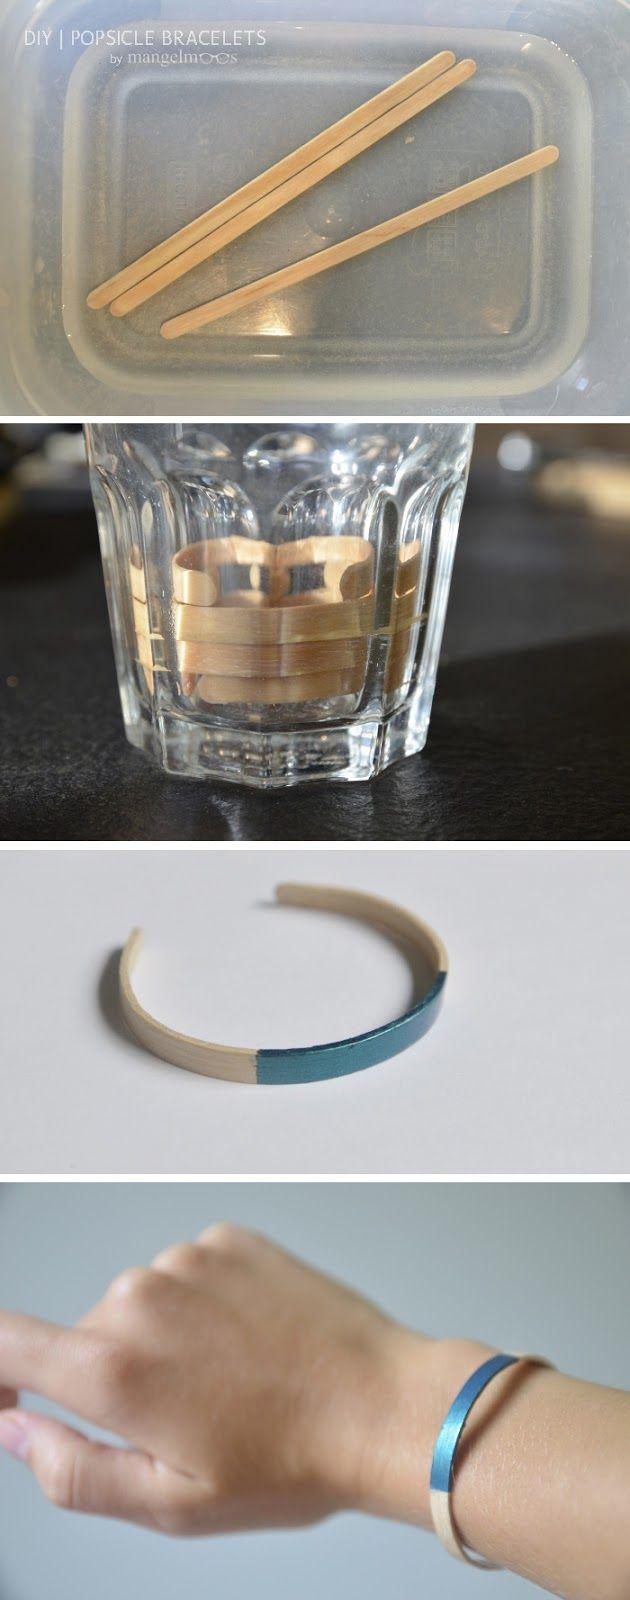 diy bracelet avec b tonnet de glace id es pinterest batonnet de glace batonnet et glace. Black Bedroom Furniture Sets. Home Design Ideas